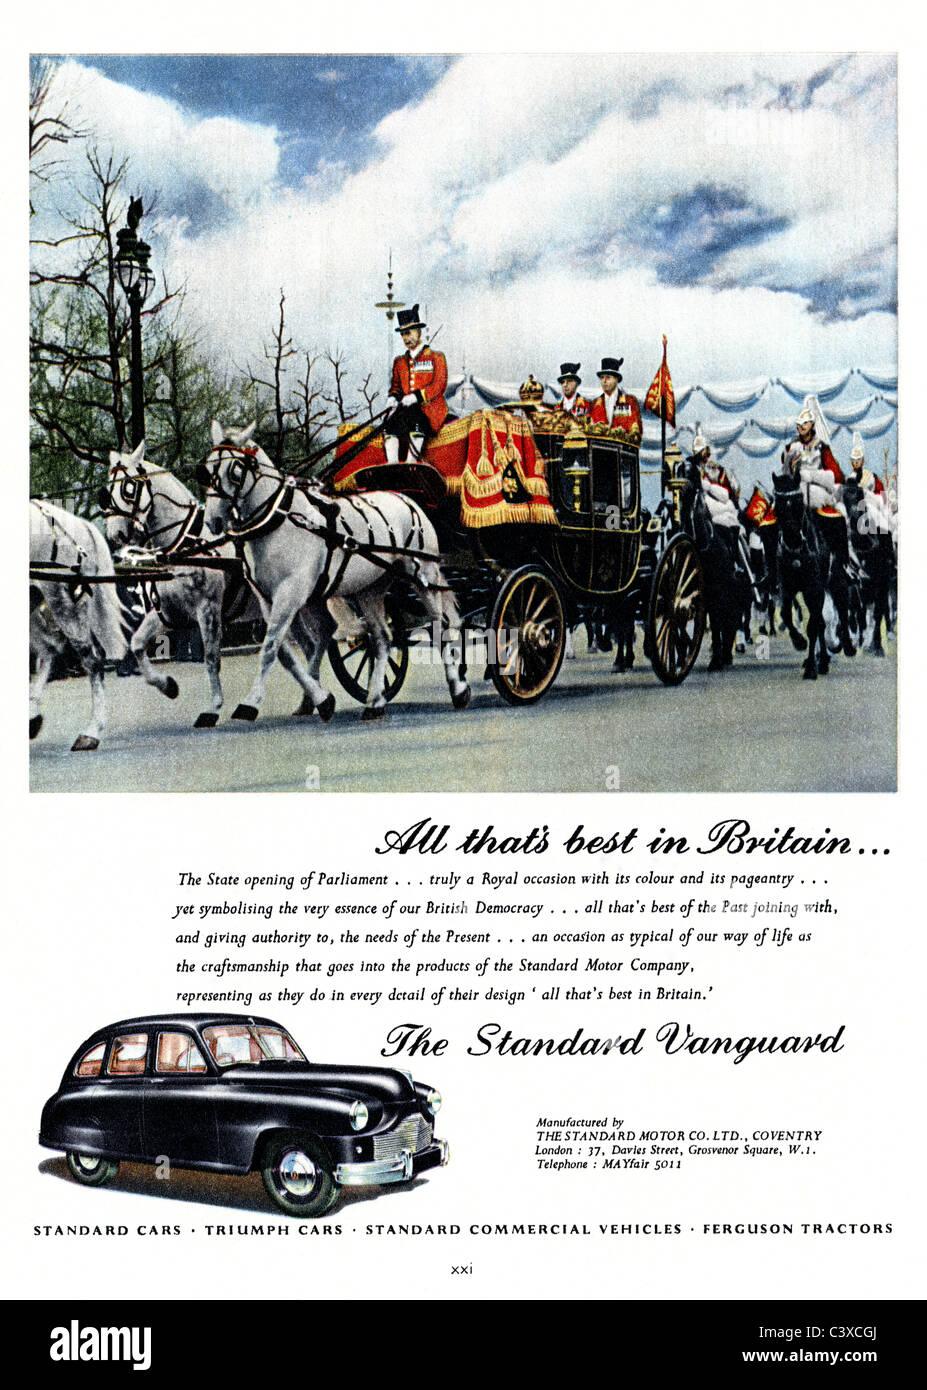 Publicité pour le moteur standard de la voiture de société, la norme d'avant-garde, du Festival de Grande-Bretagne Banque D'Images